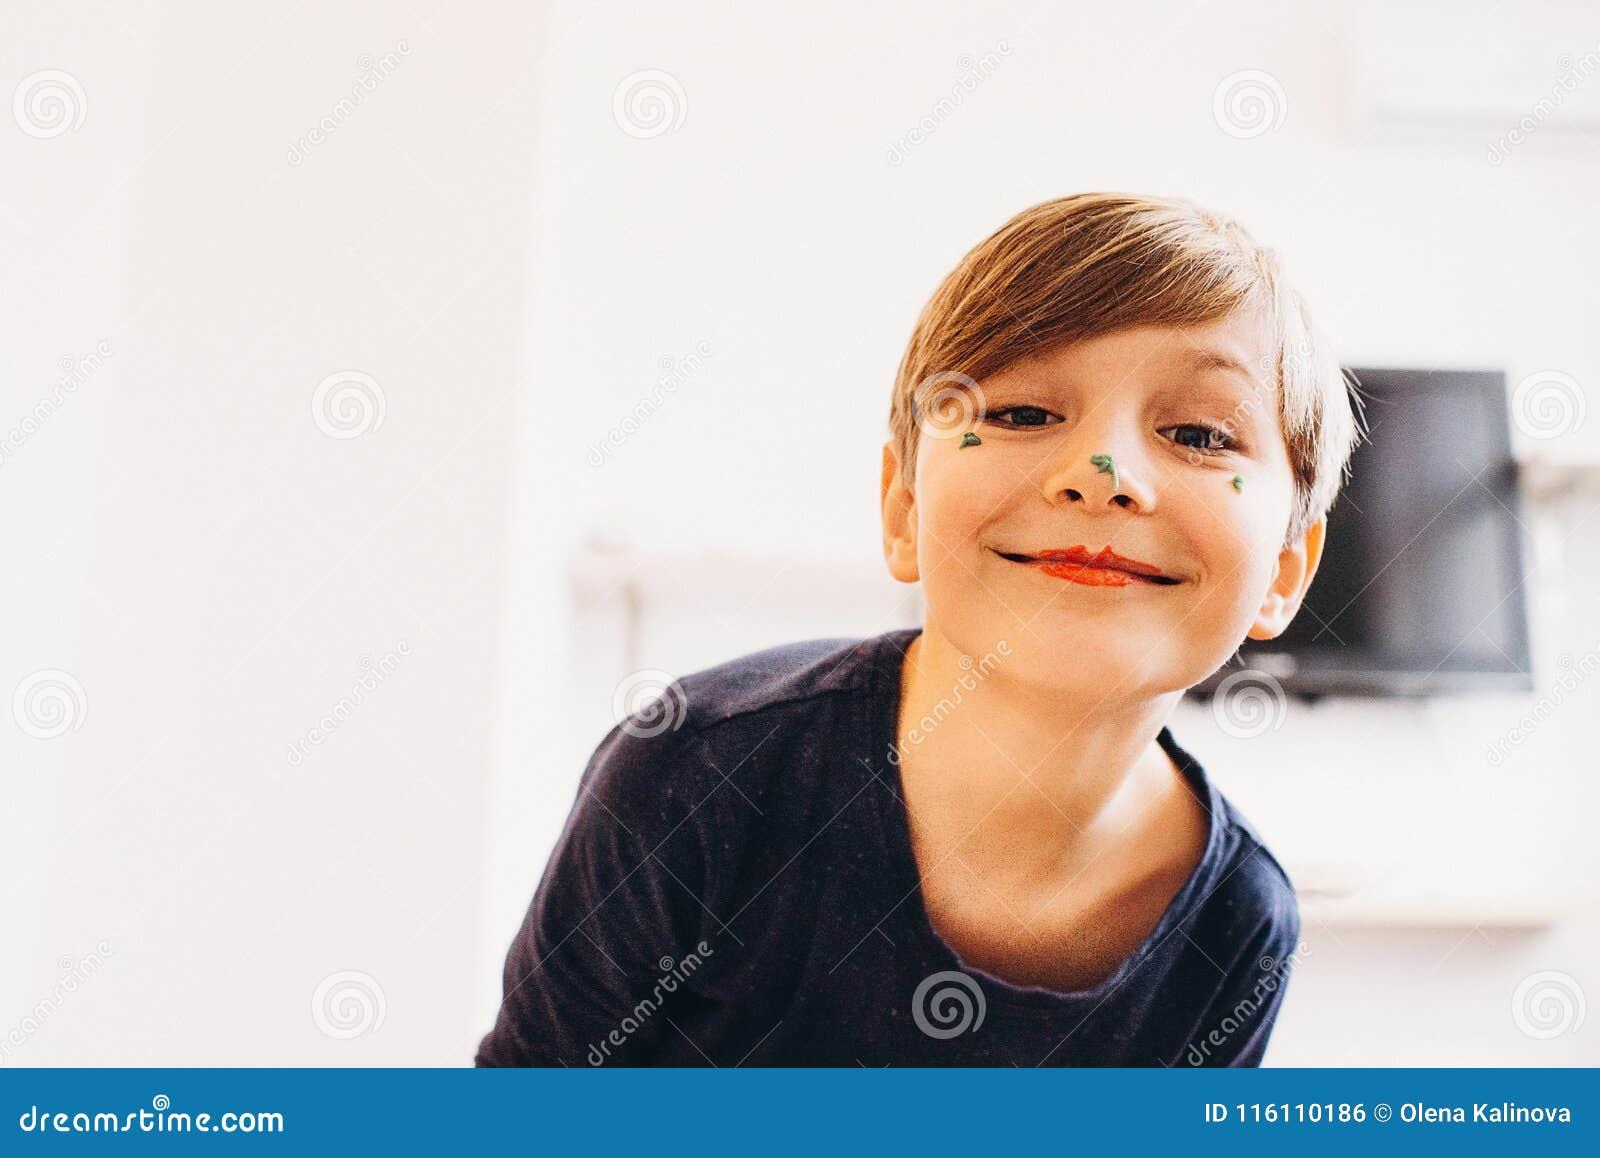 Śliczna chłopiec z twarzą malującą jako błazen, ono uśmiecha się